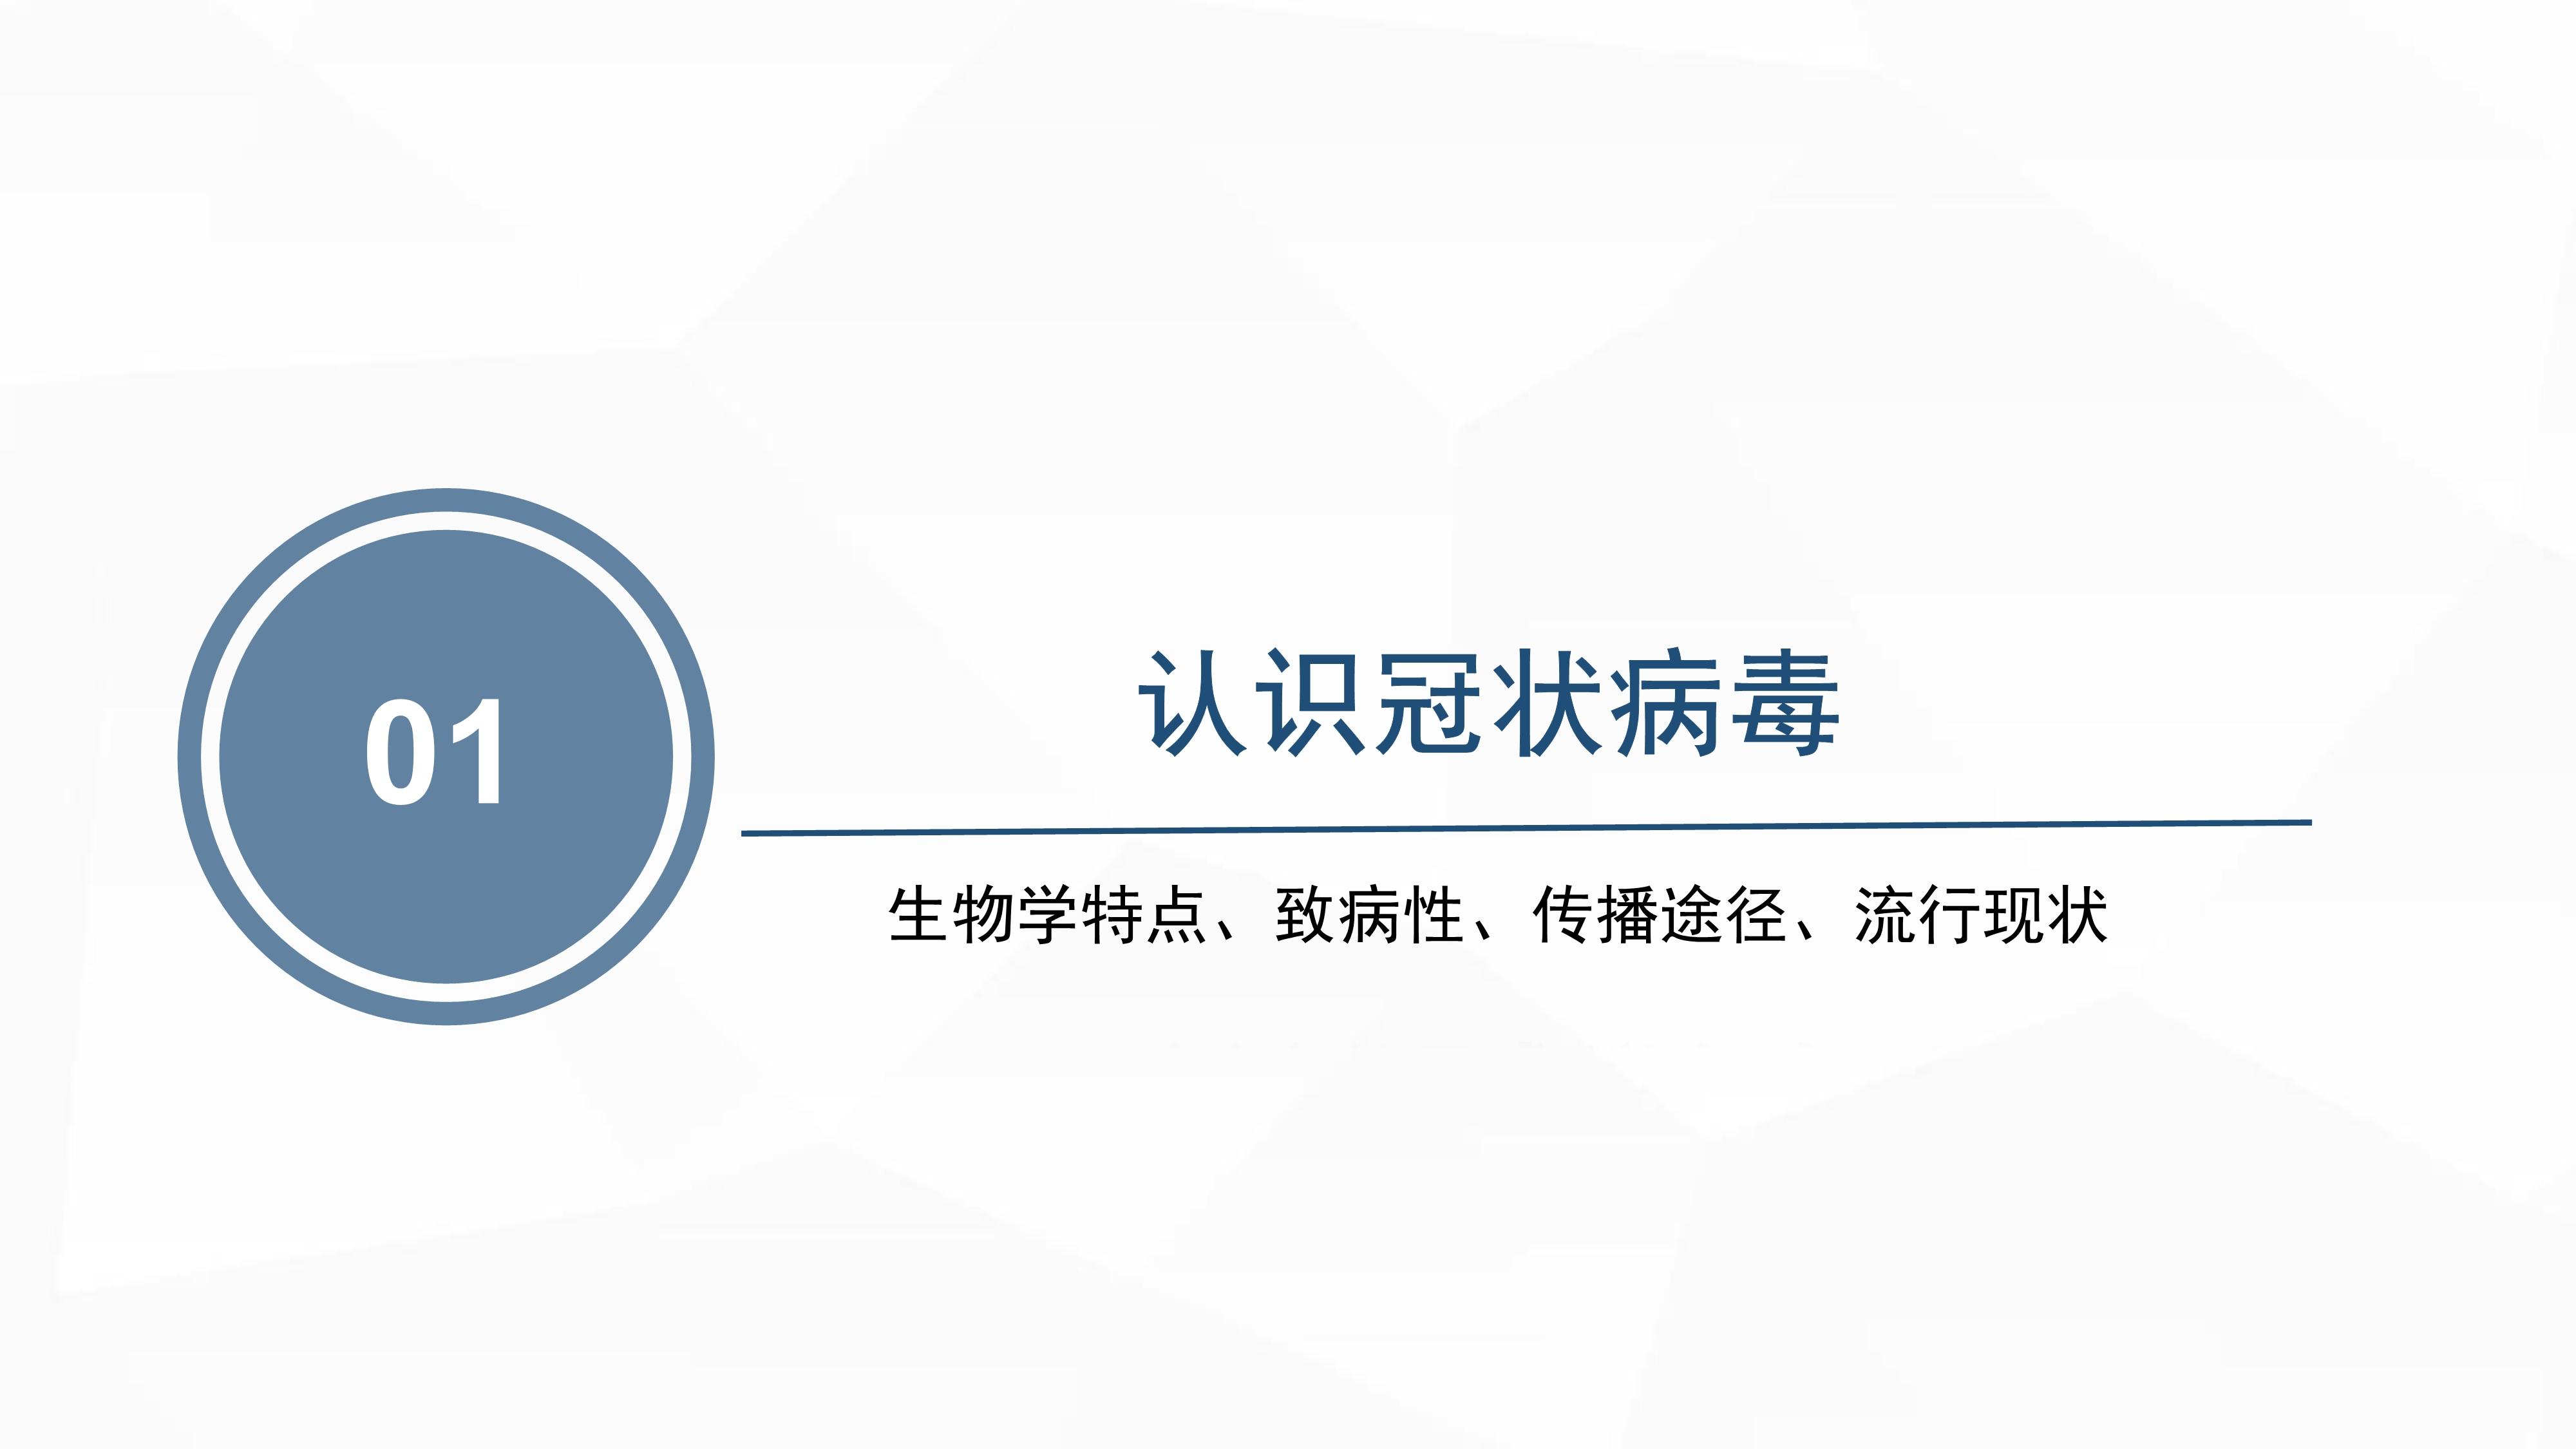 新型冠状病毒肺炎预防手册_9